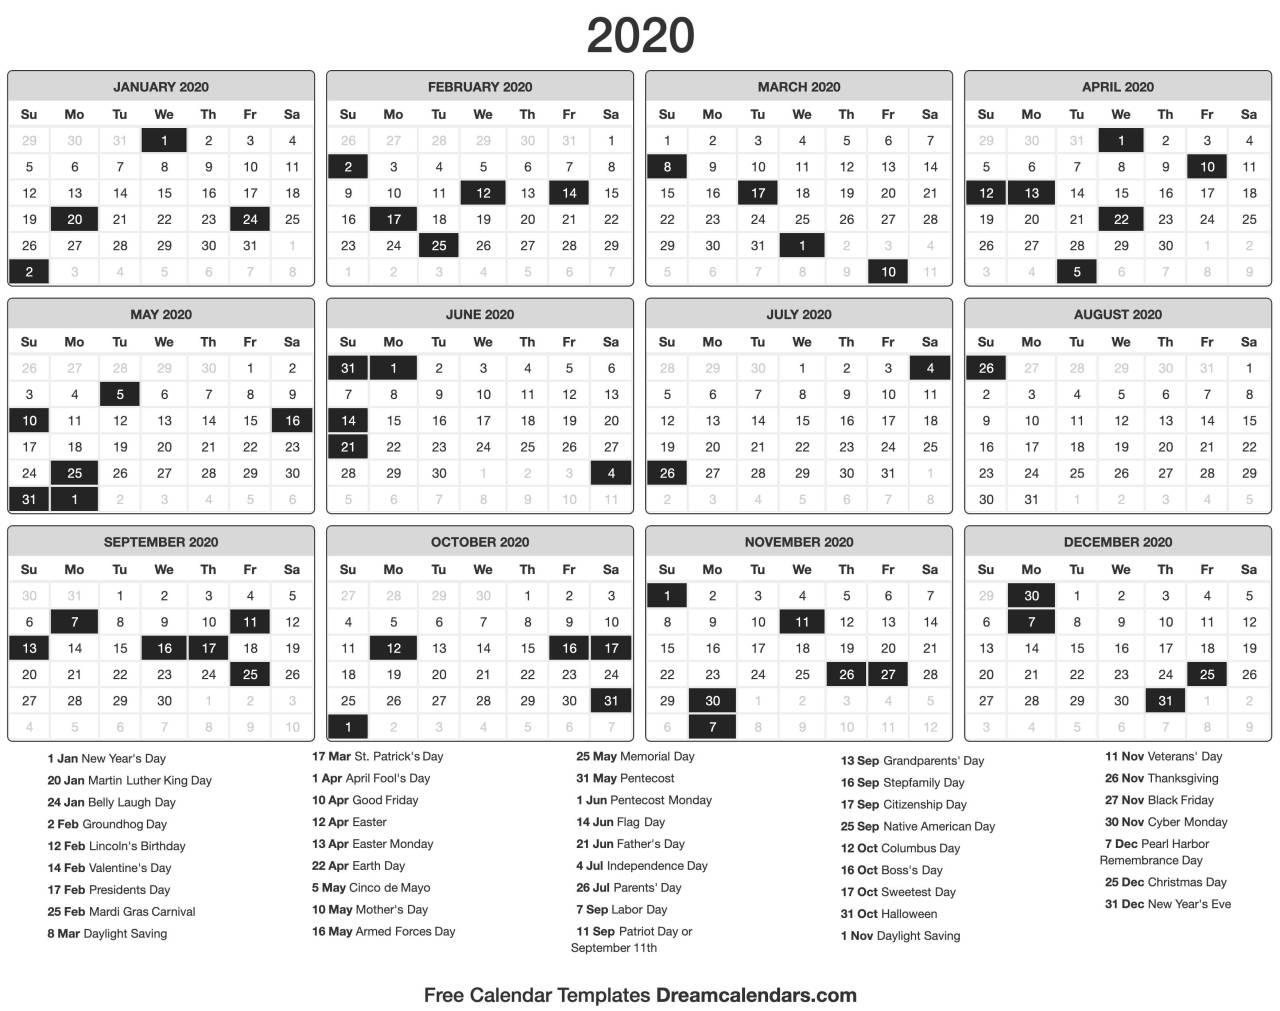 Dream Calendars: Make It 2020 Template